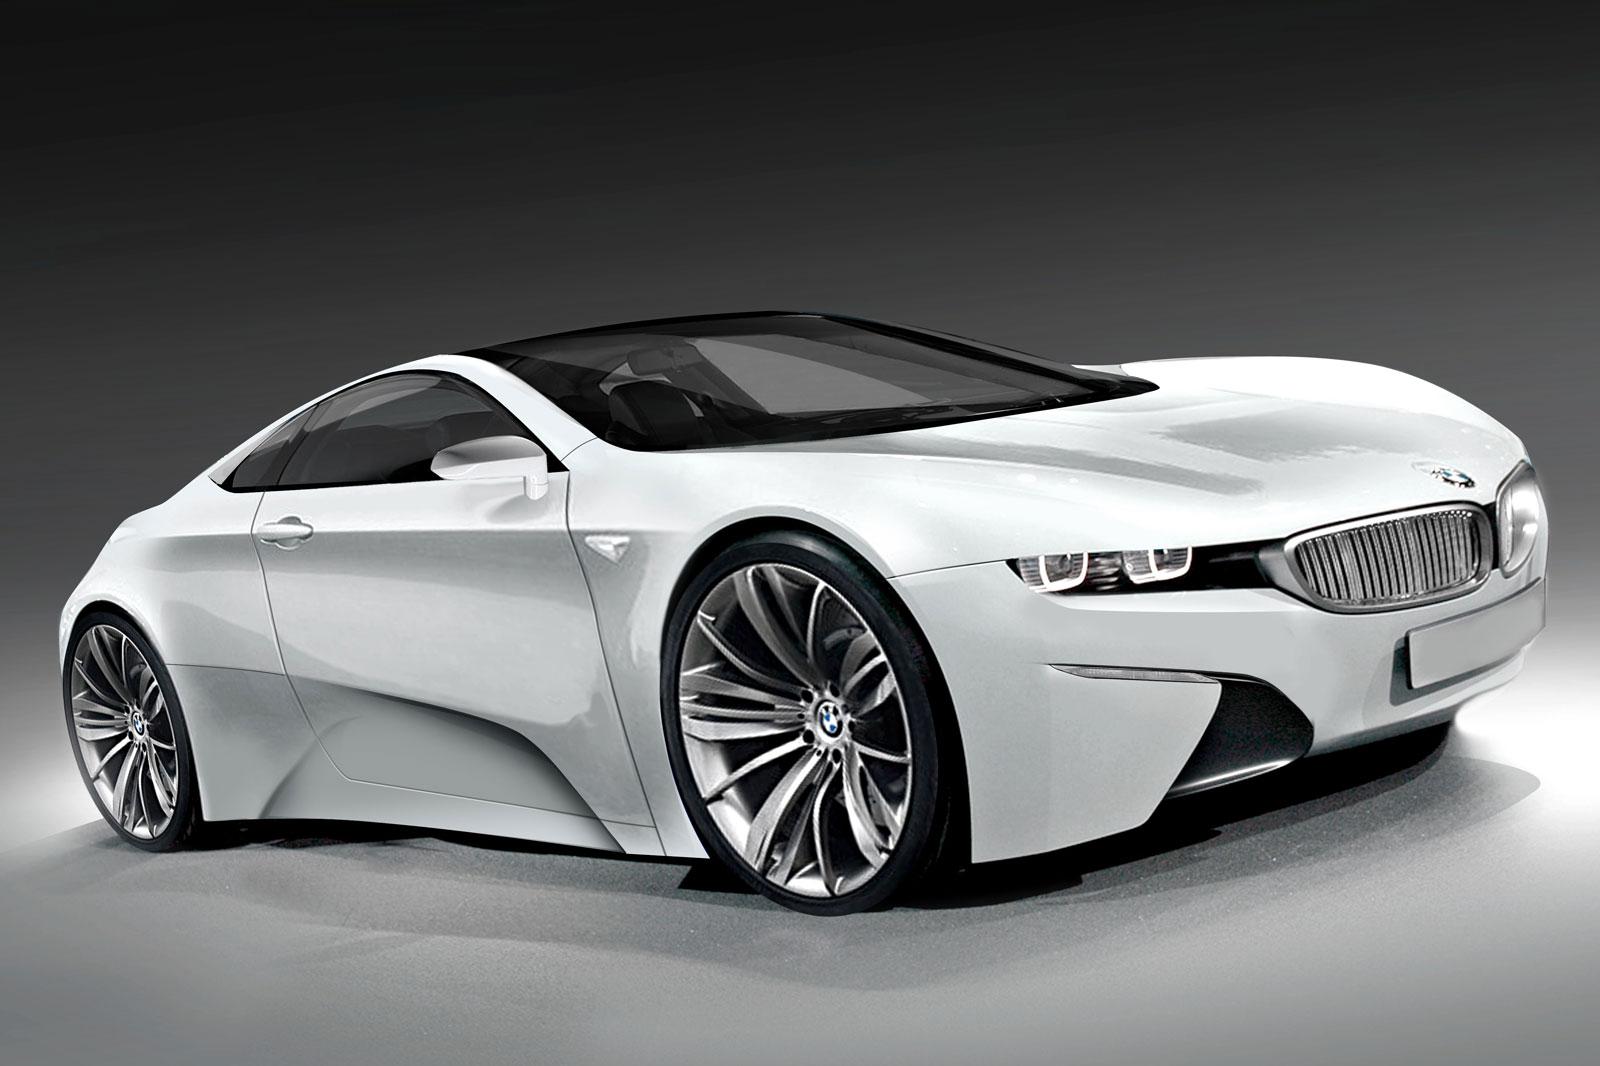 http://2.bp.blogspot.com/-RIblpWSfFlk/TfouZ3lsCjI/AAAAAAAAAFM/8Jyl2vAcS6s/s1600/BMW-M1-2012.jpg